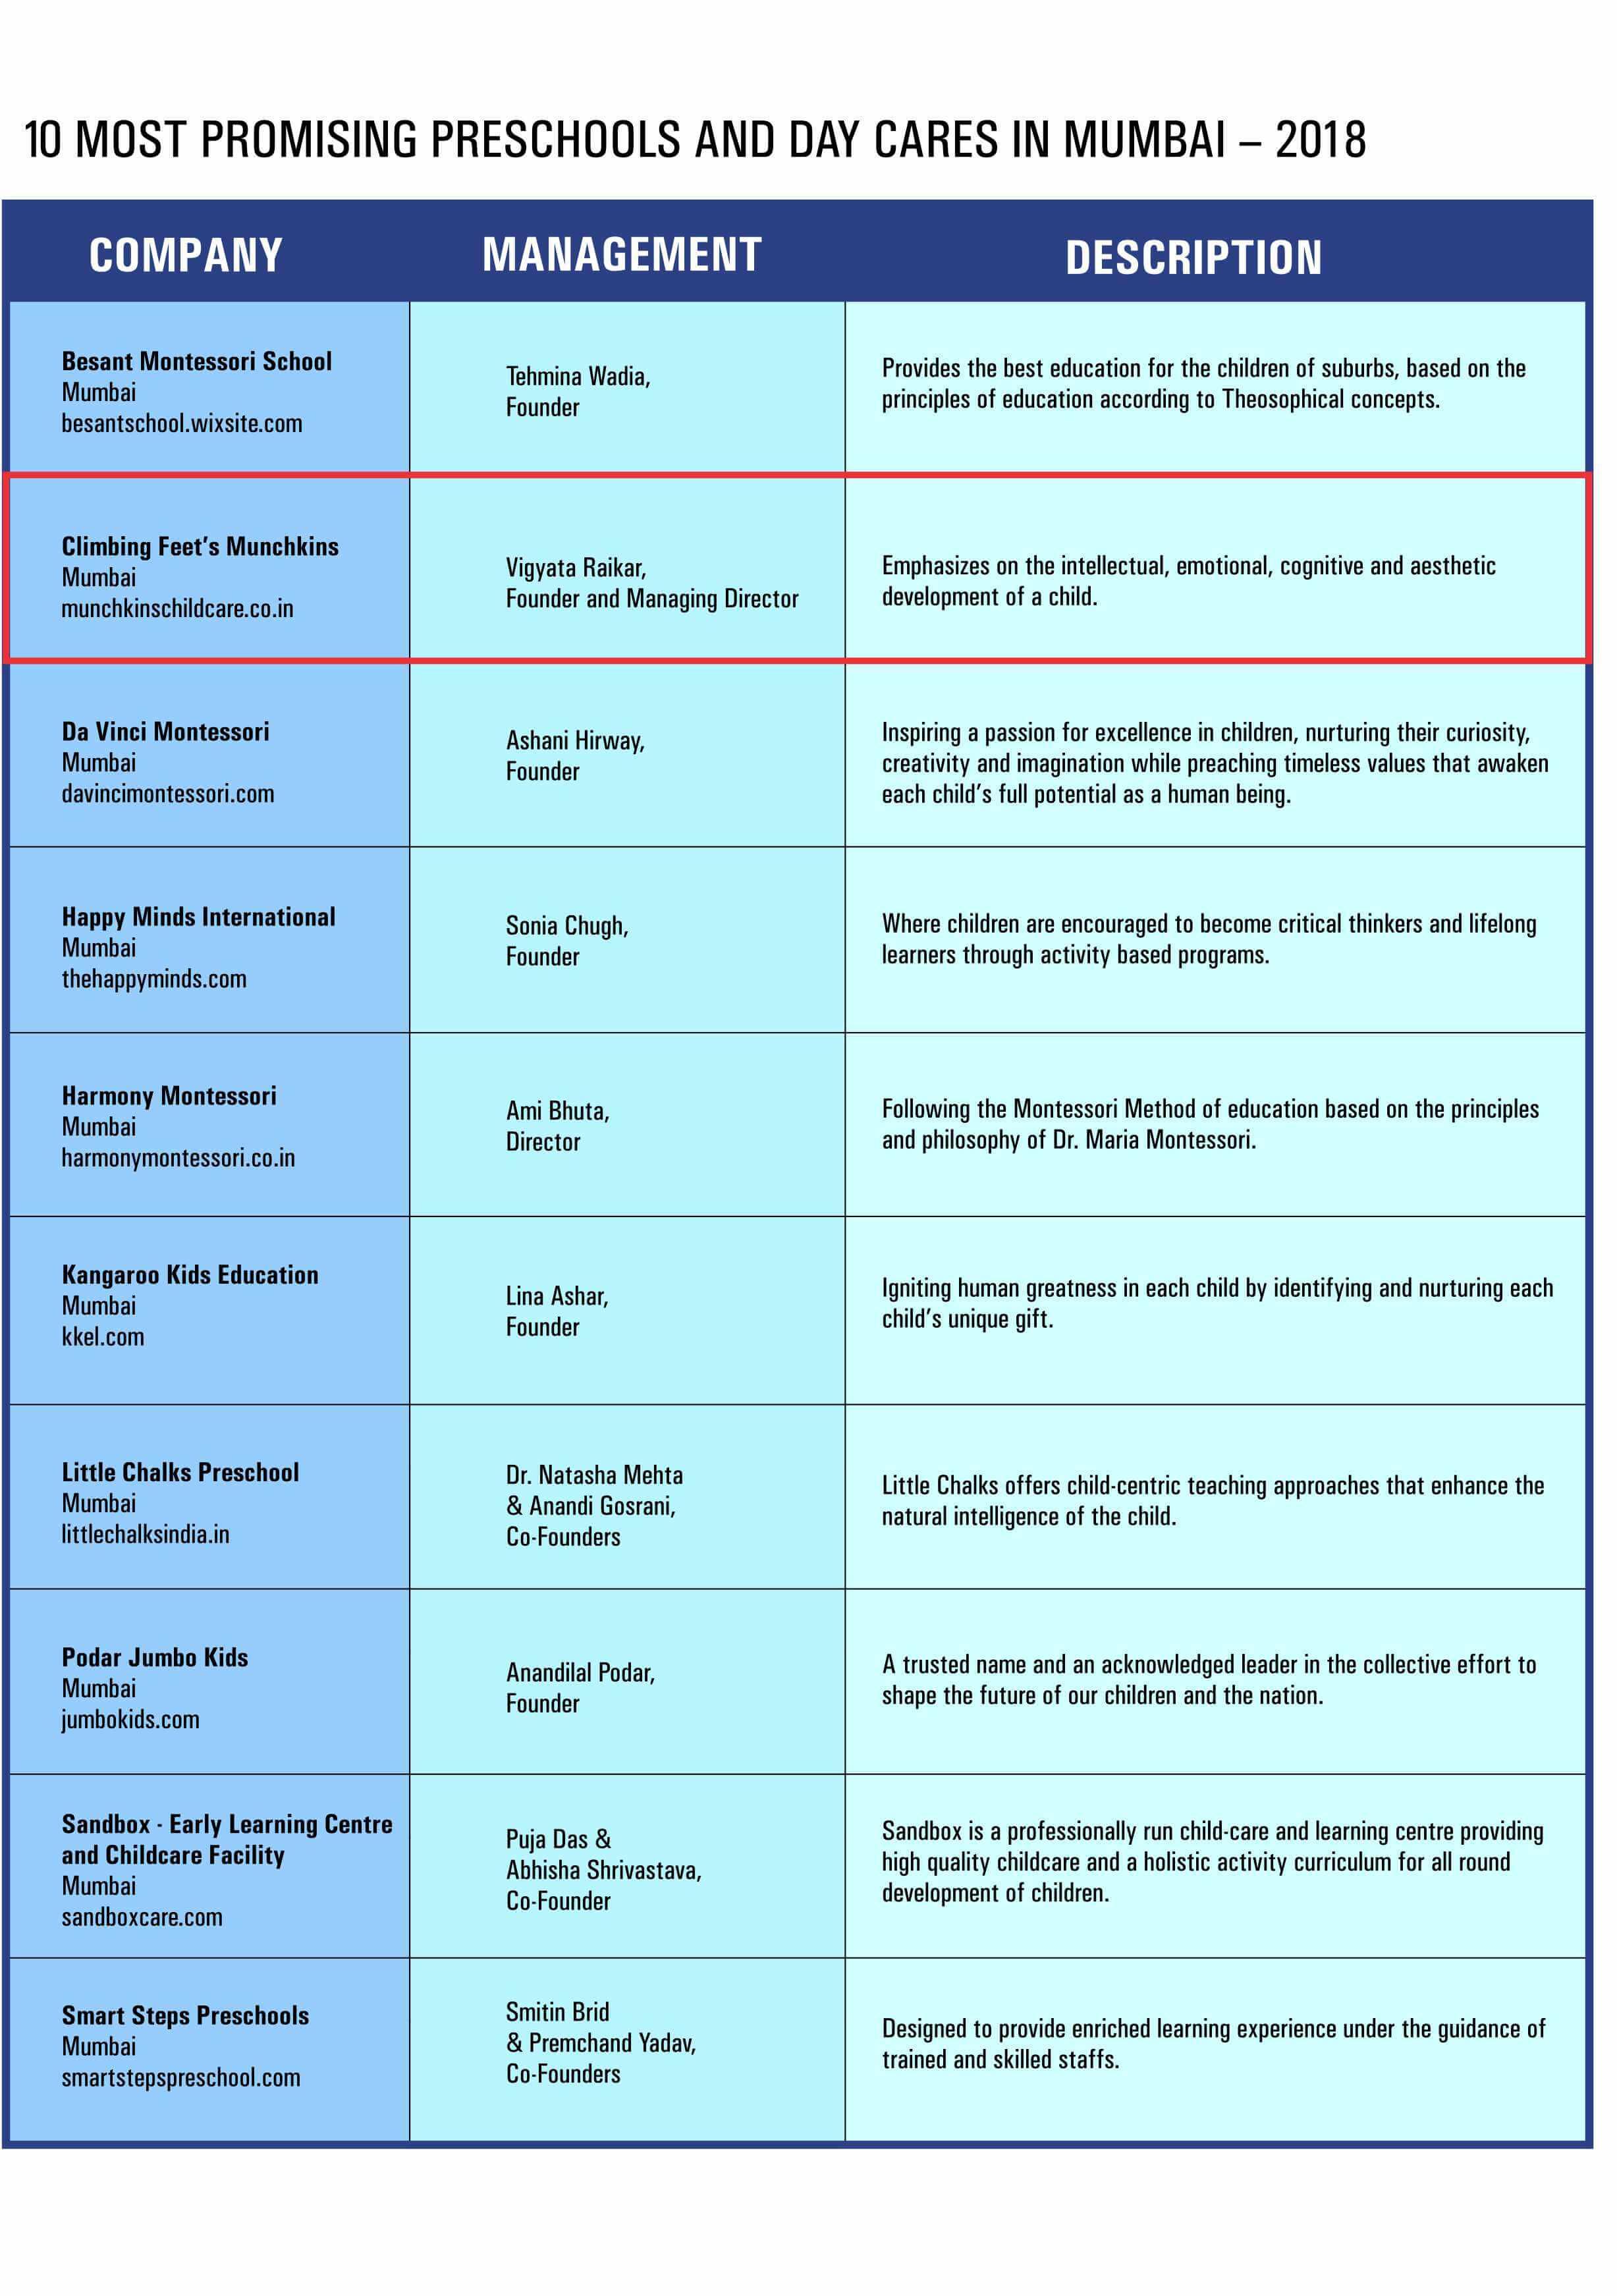 top 10 pre-schools